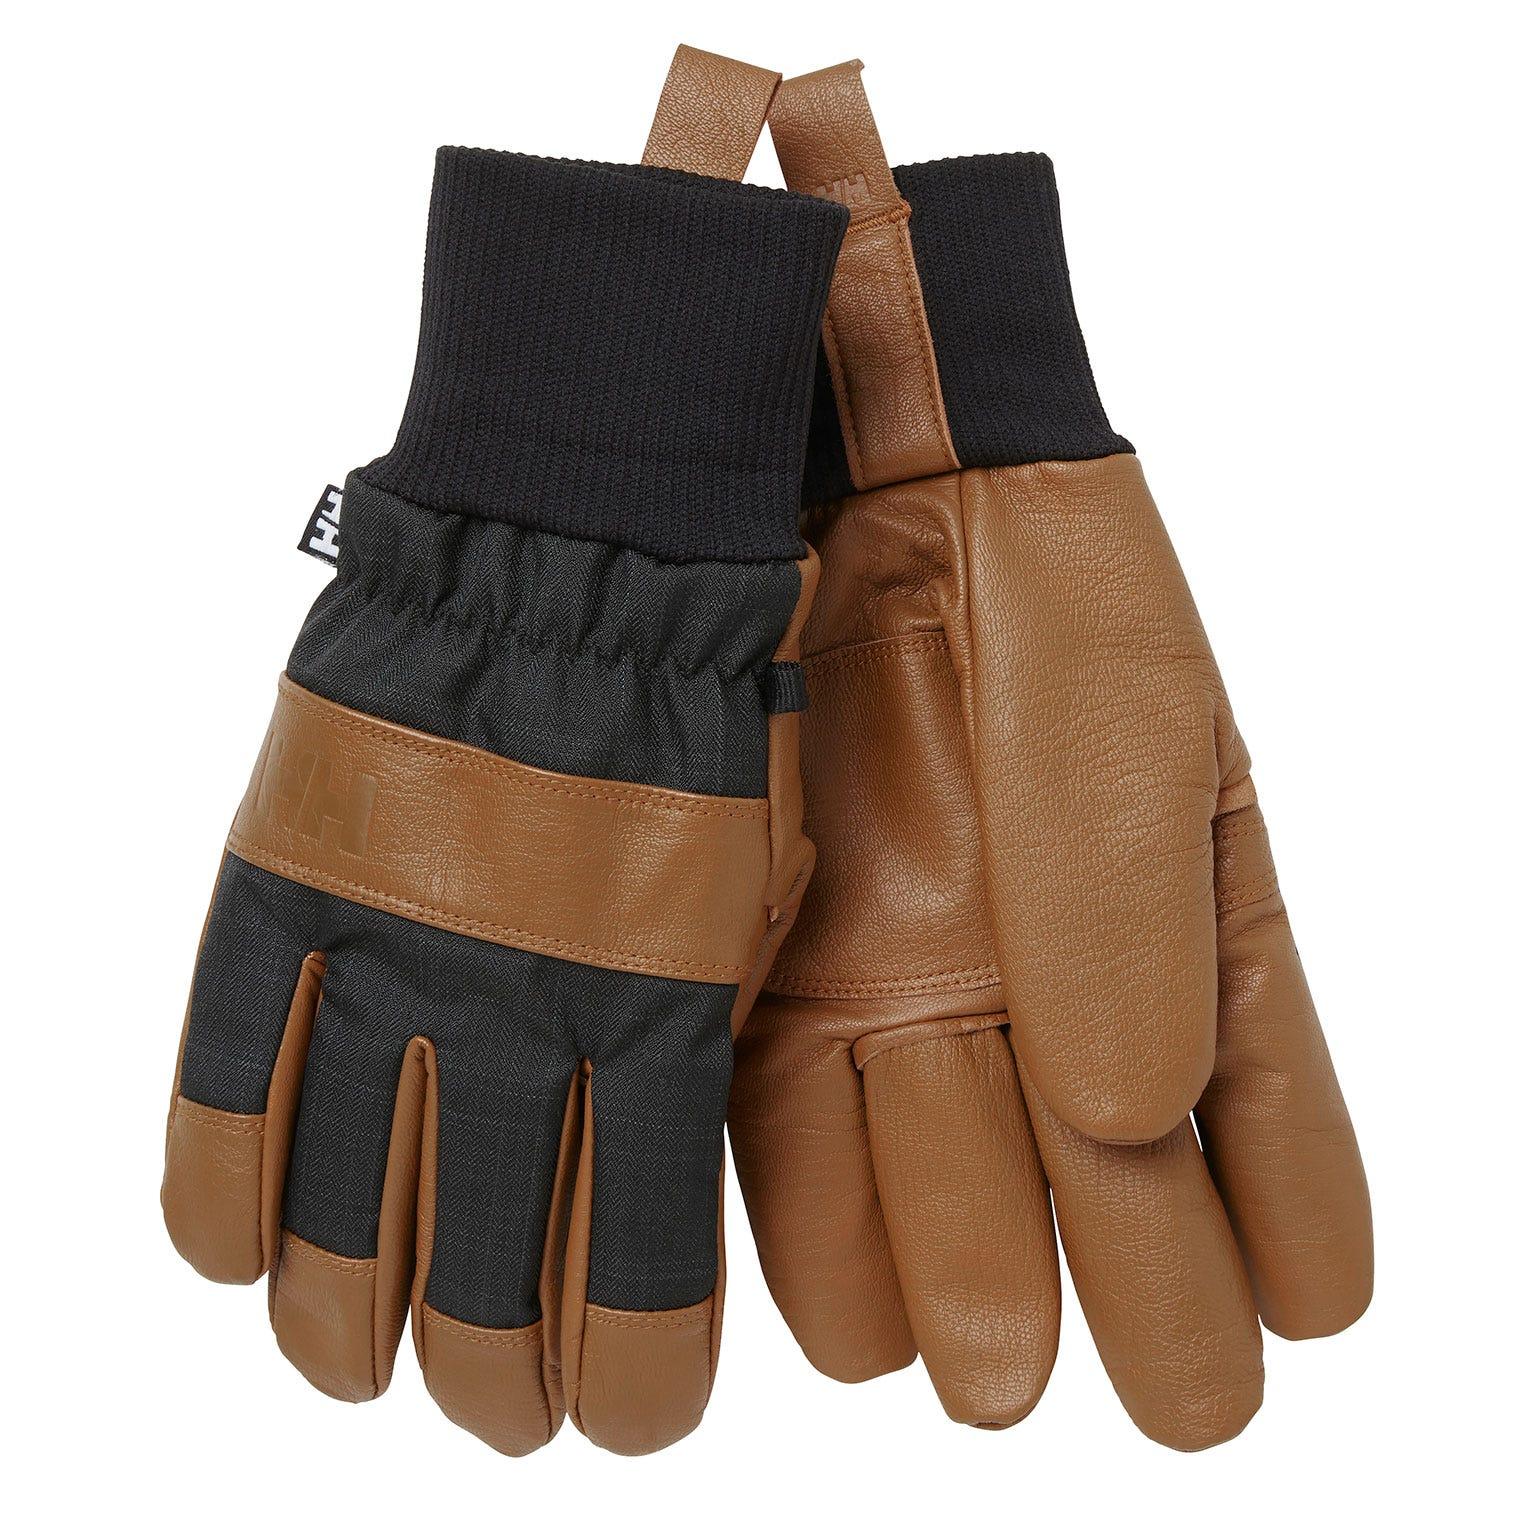 Helly Hansen Dawn Patrol Glove Mens Brown S